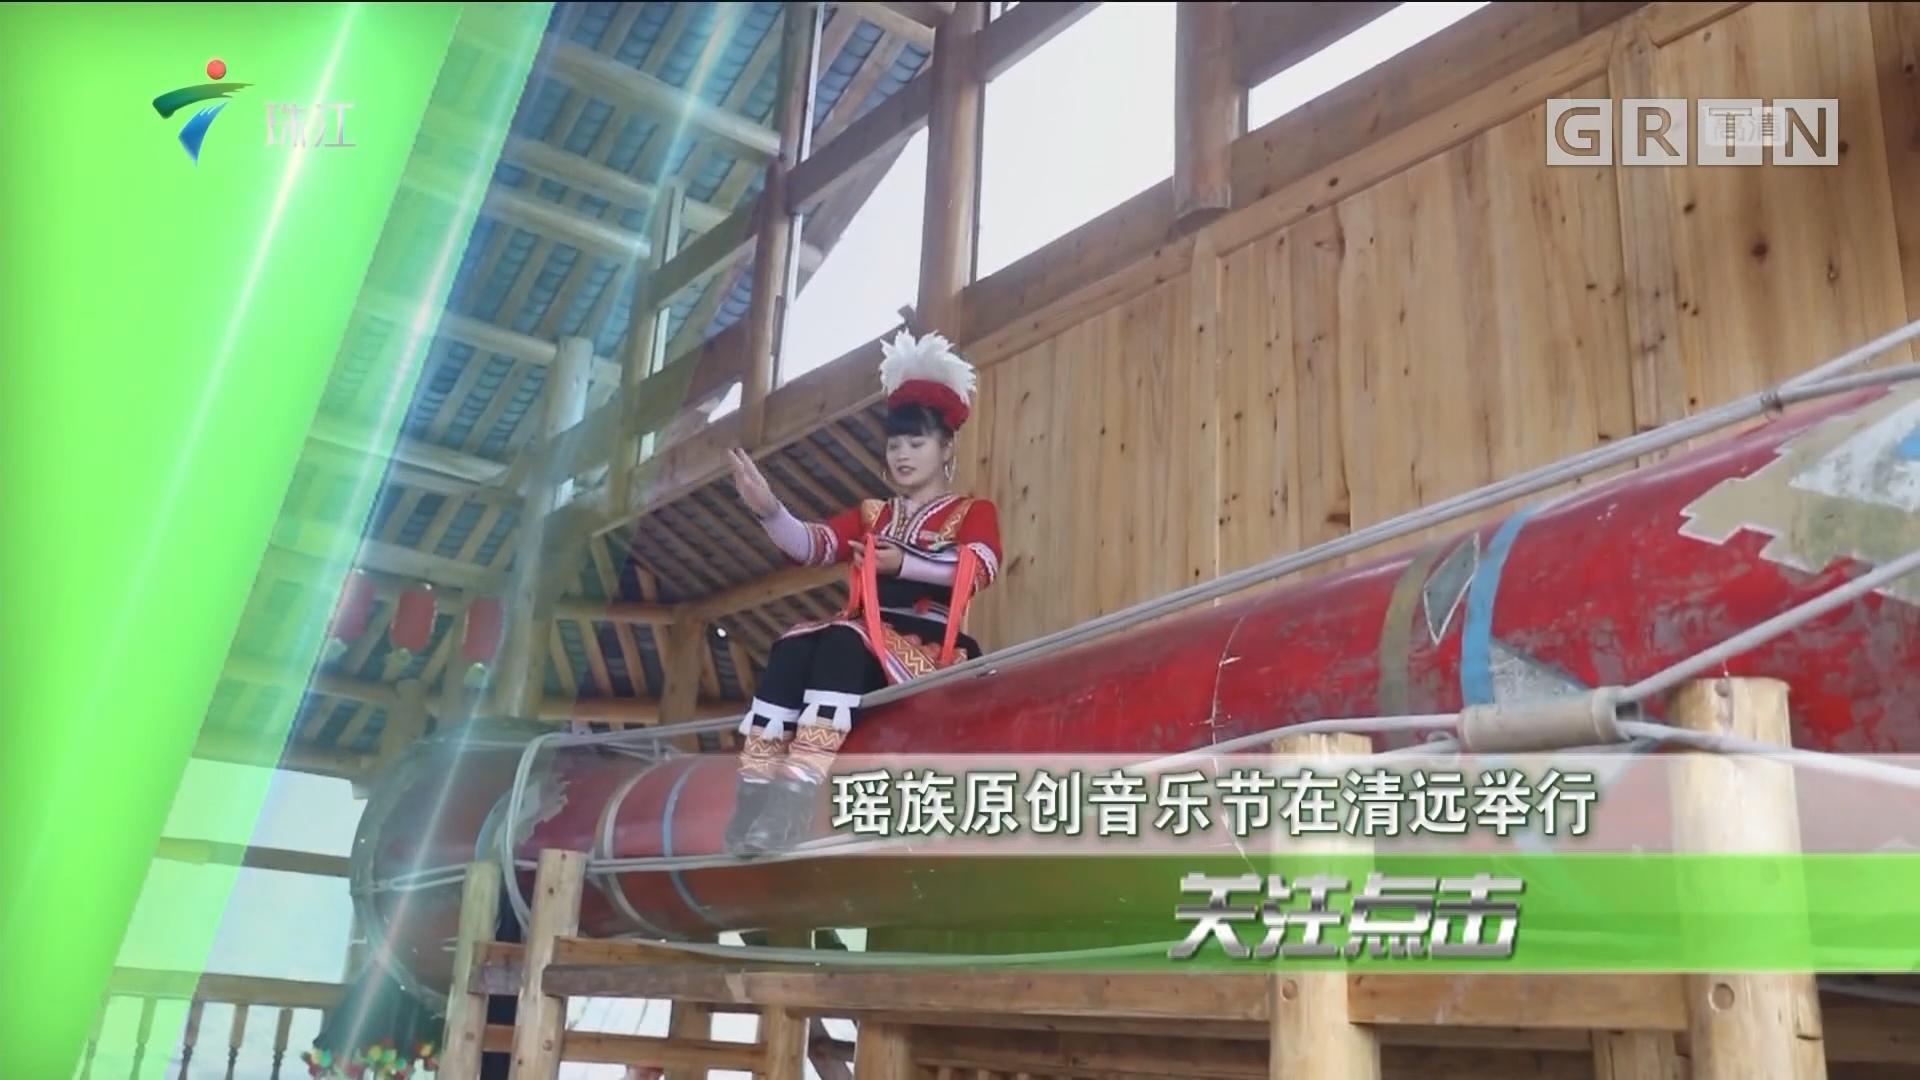 瑶族原创音乐节在清远举行